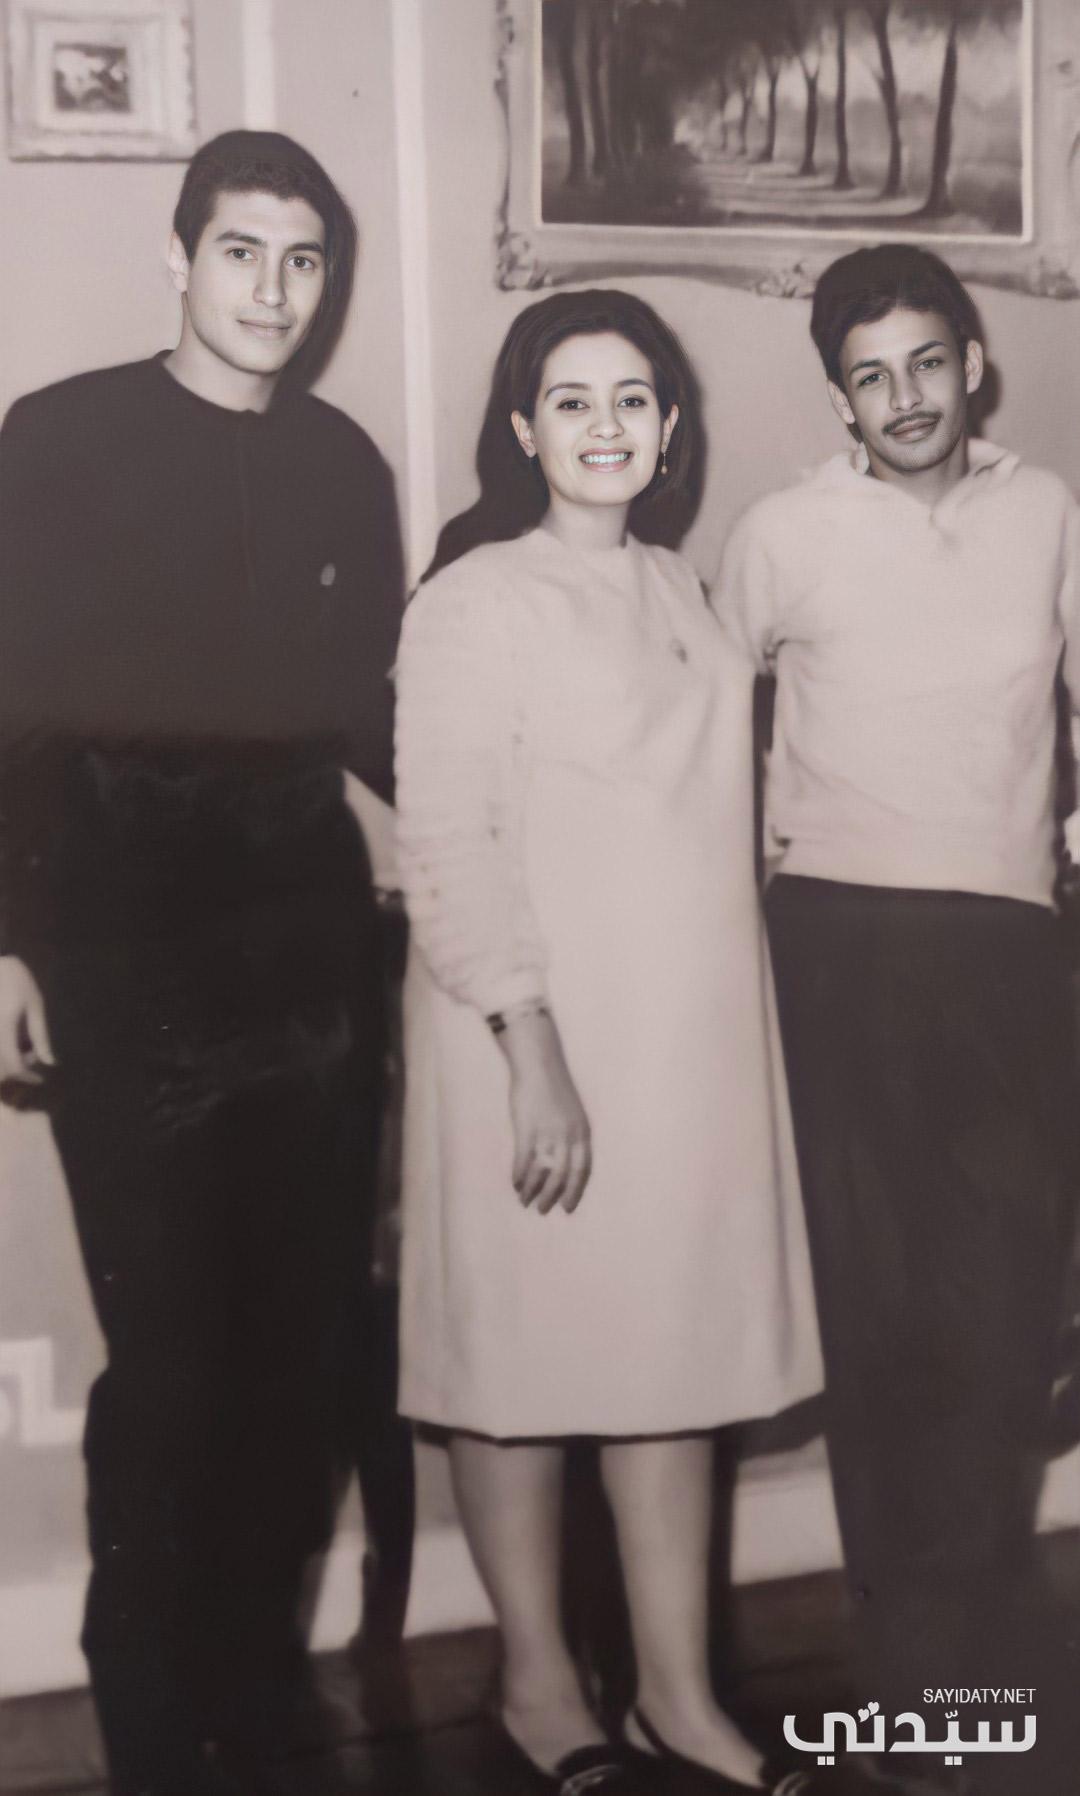 عمر خورشيد وشقيقته الكبرى جيهان خورشيد وأحد أفراد العائلة- الصورة من أرشيف جيهان خورشيد